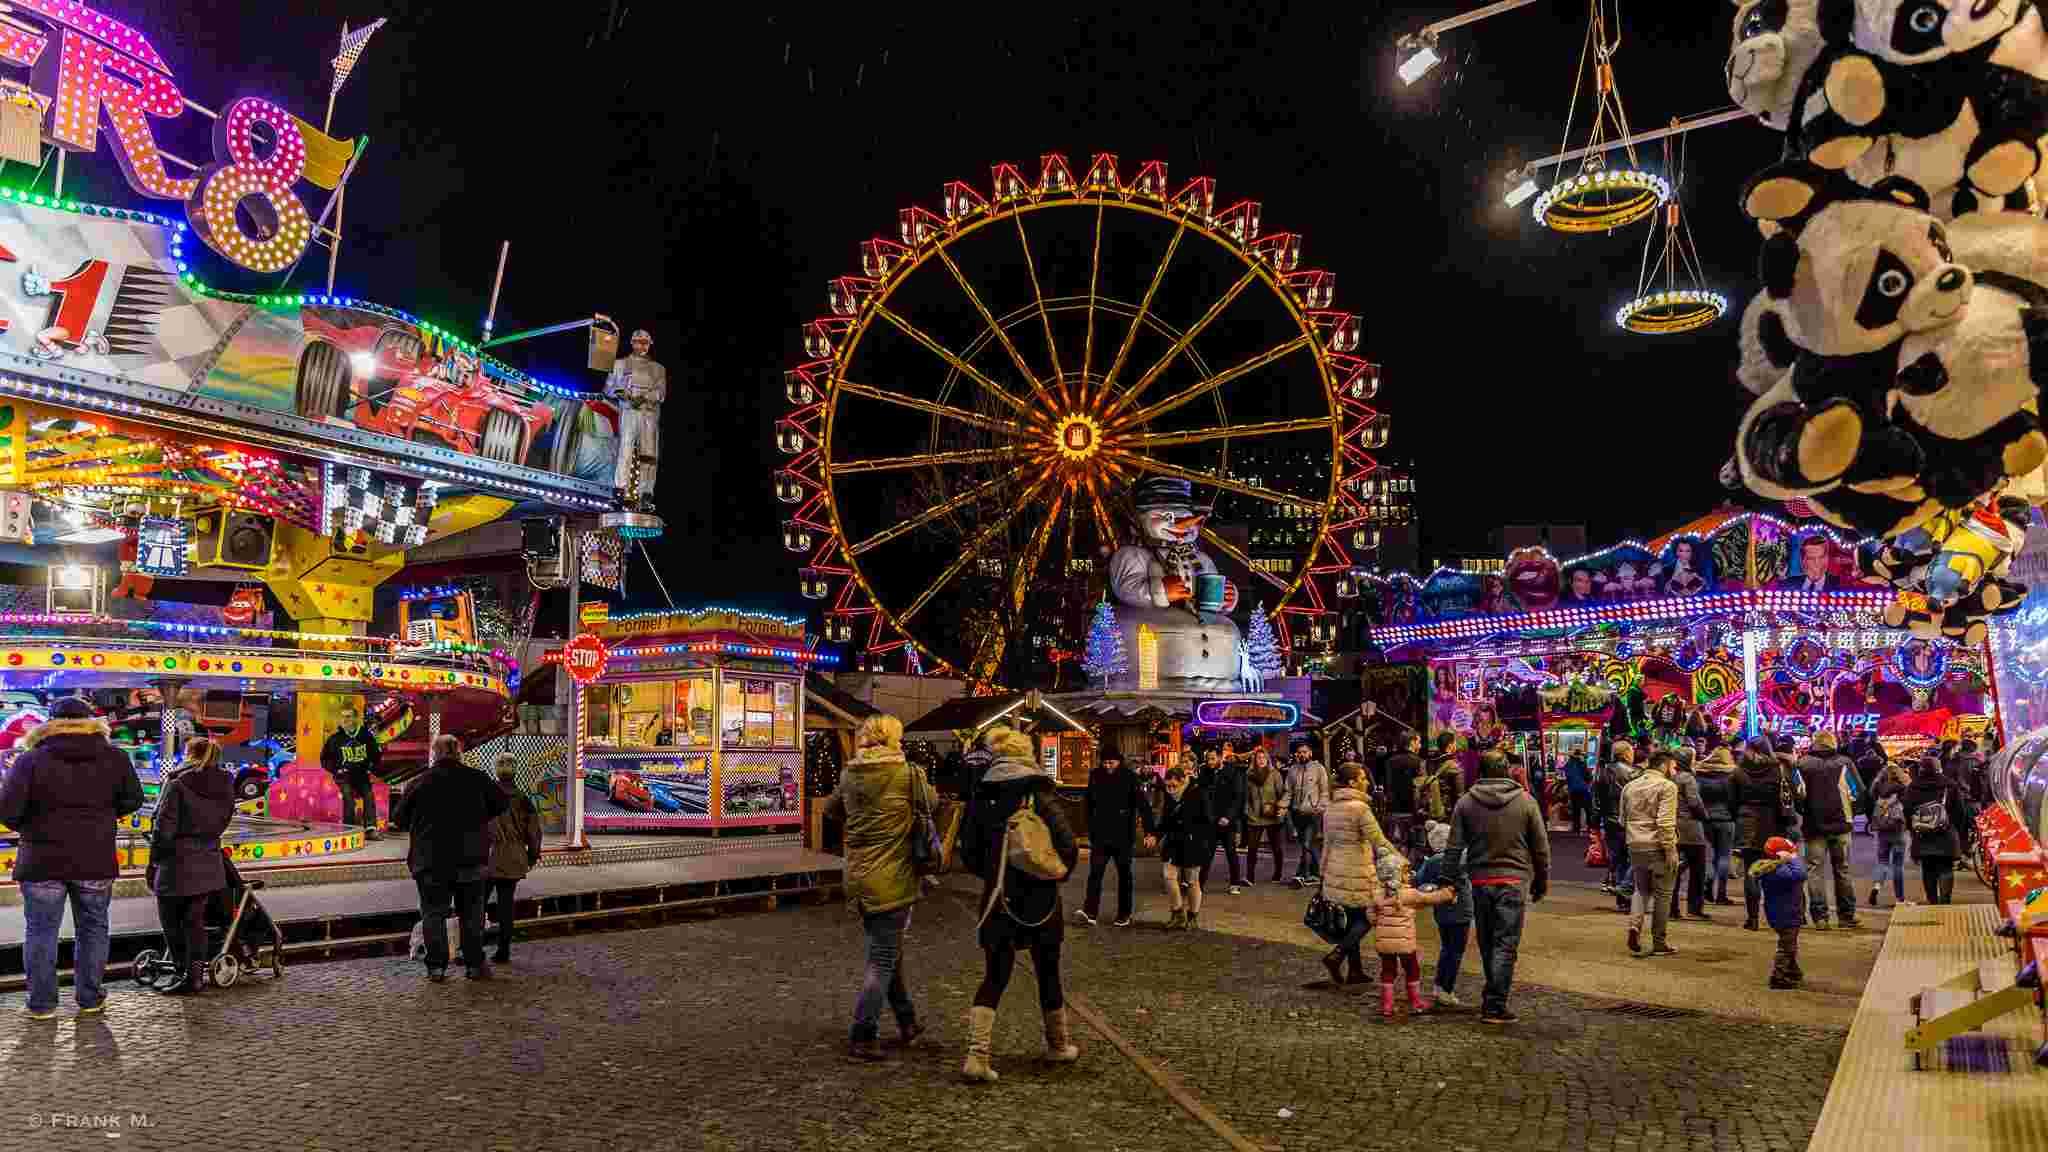 Der Hamburger Dom © Frank_M. via Flickr.com